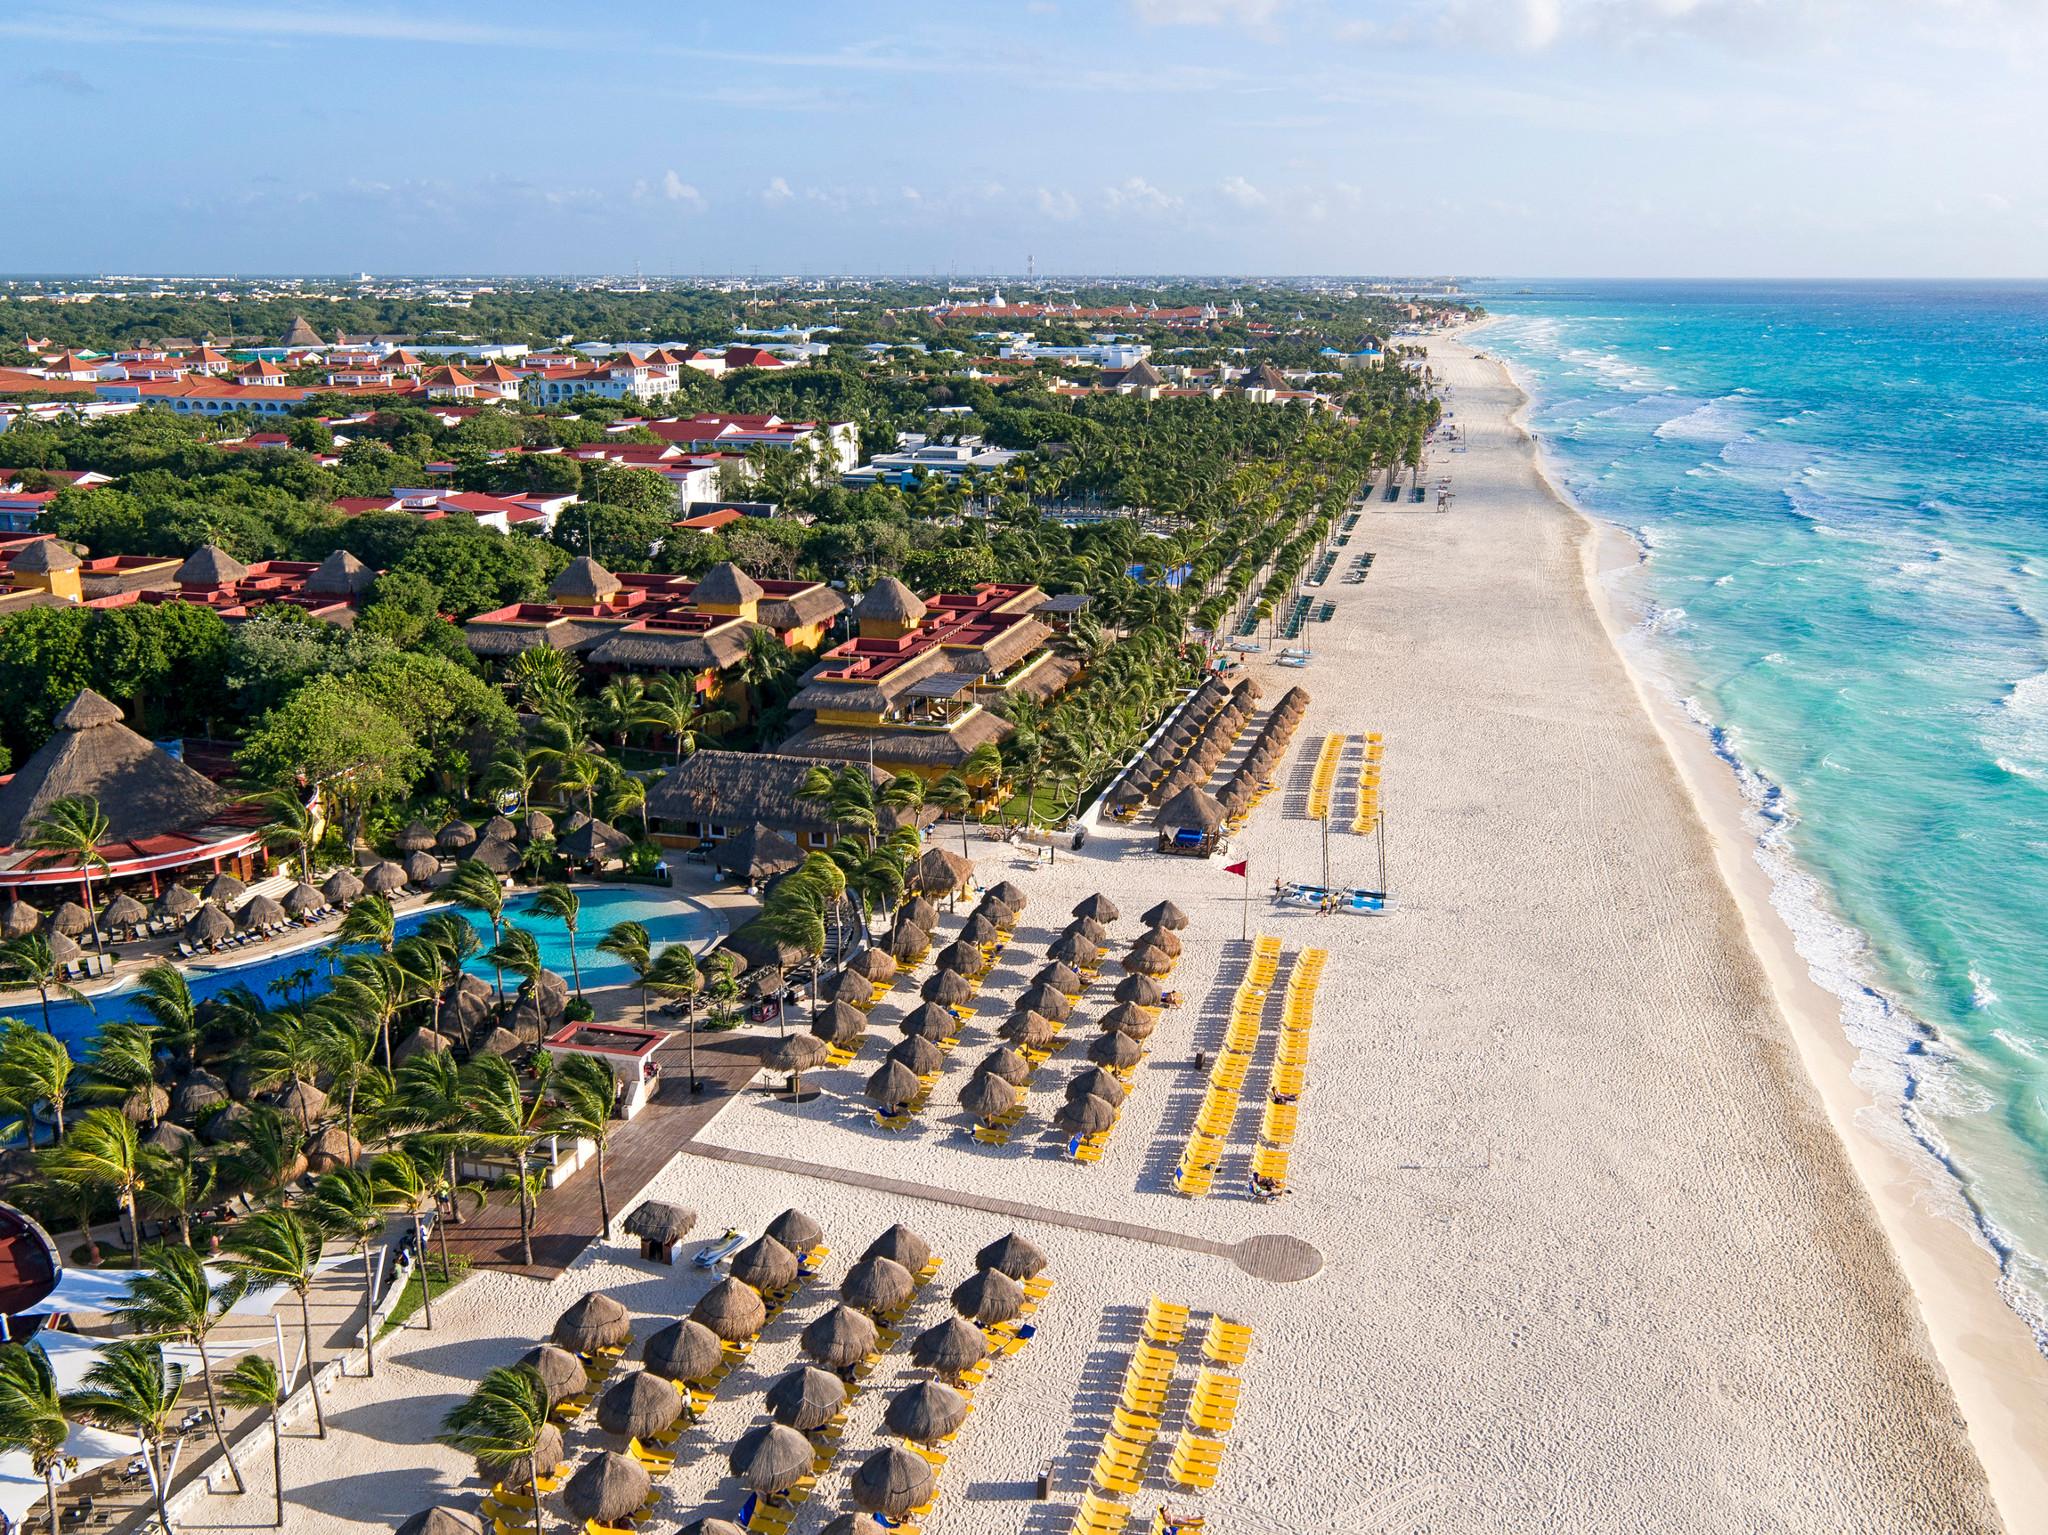 Last Minute Travel Deals Playa Del Carmen